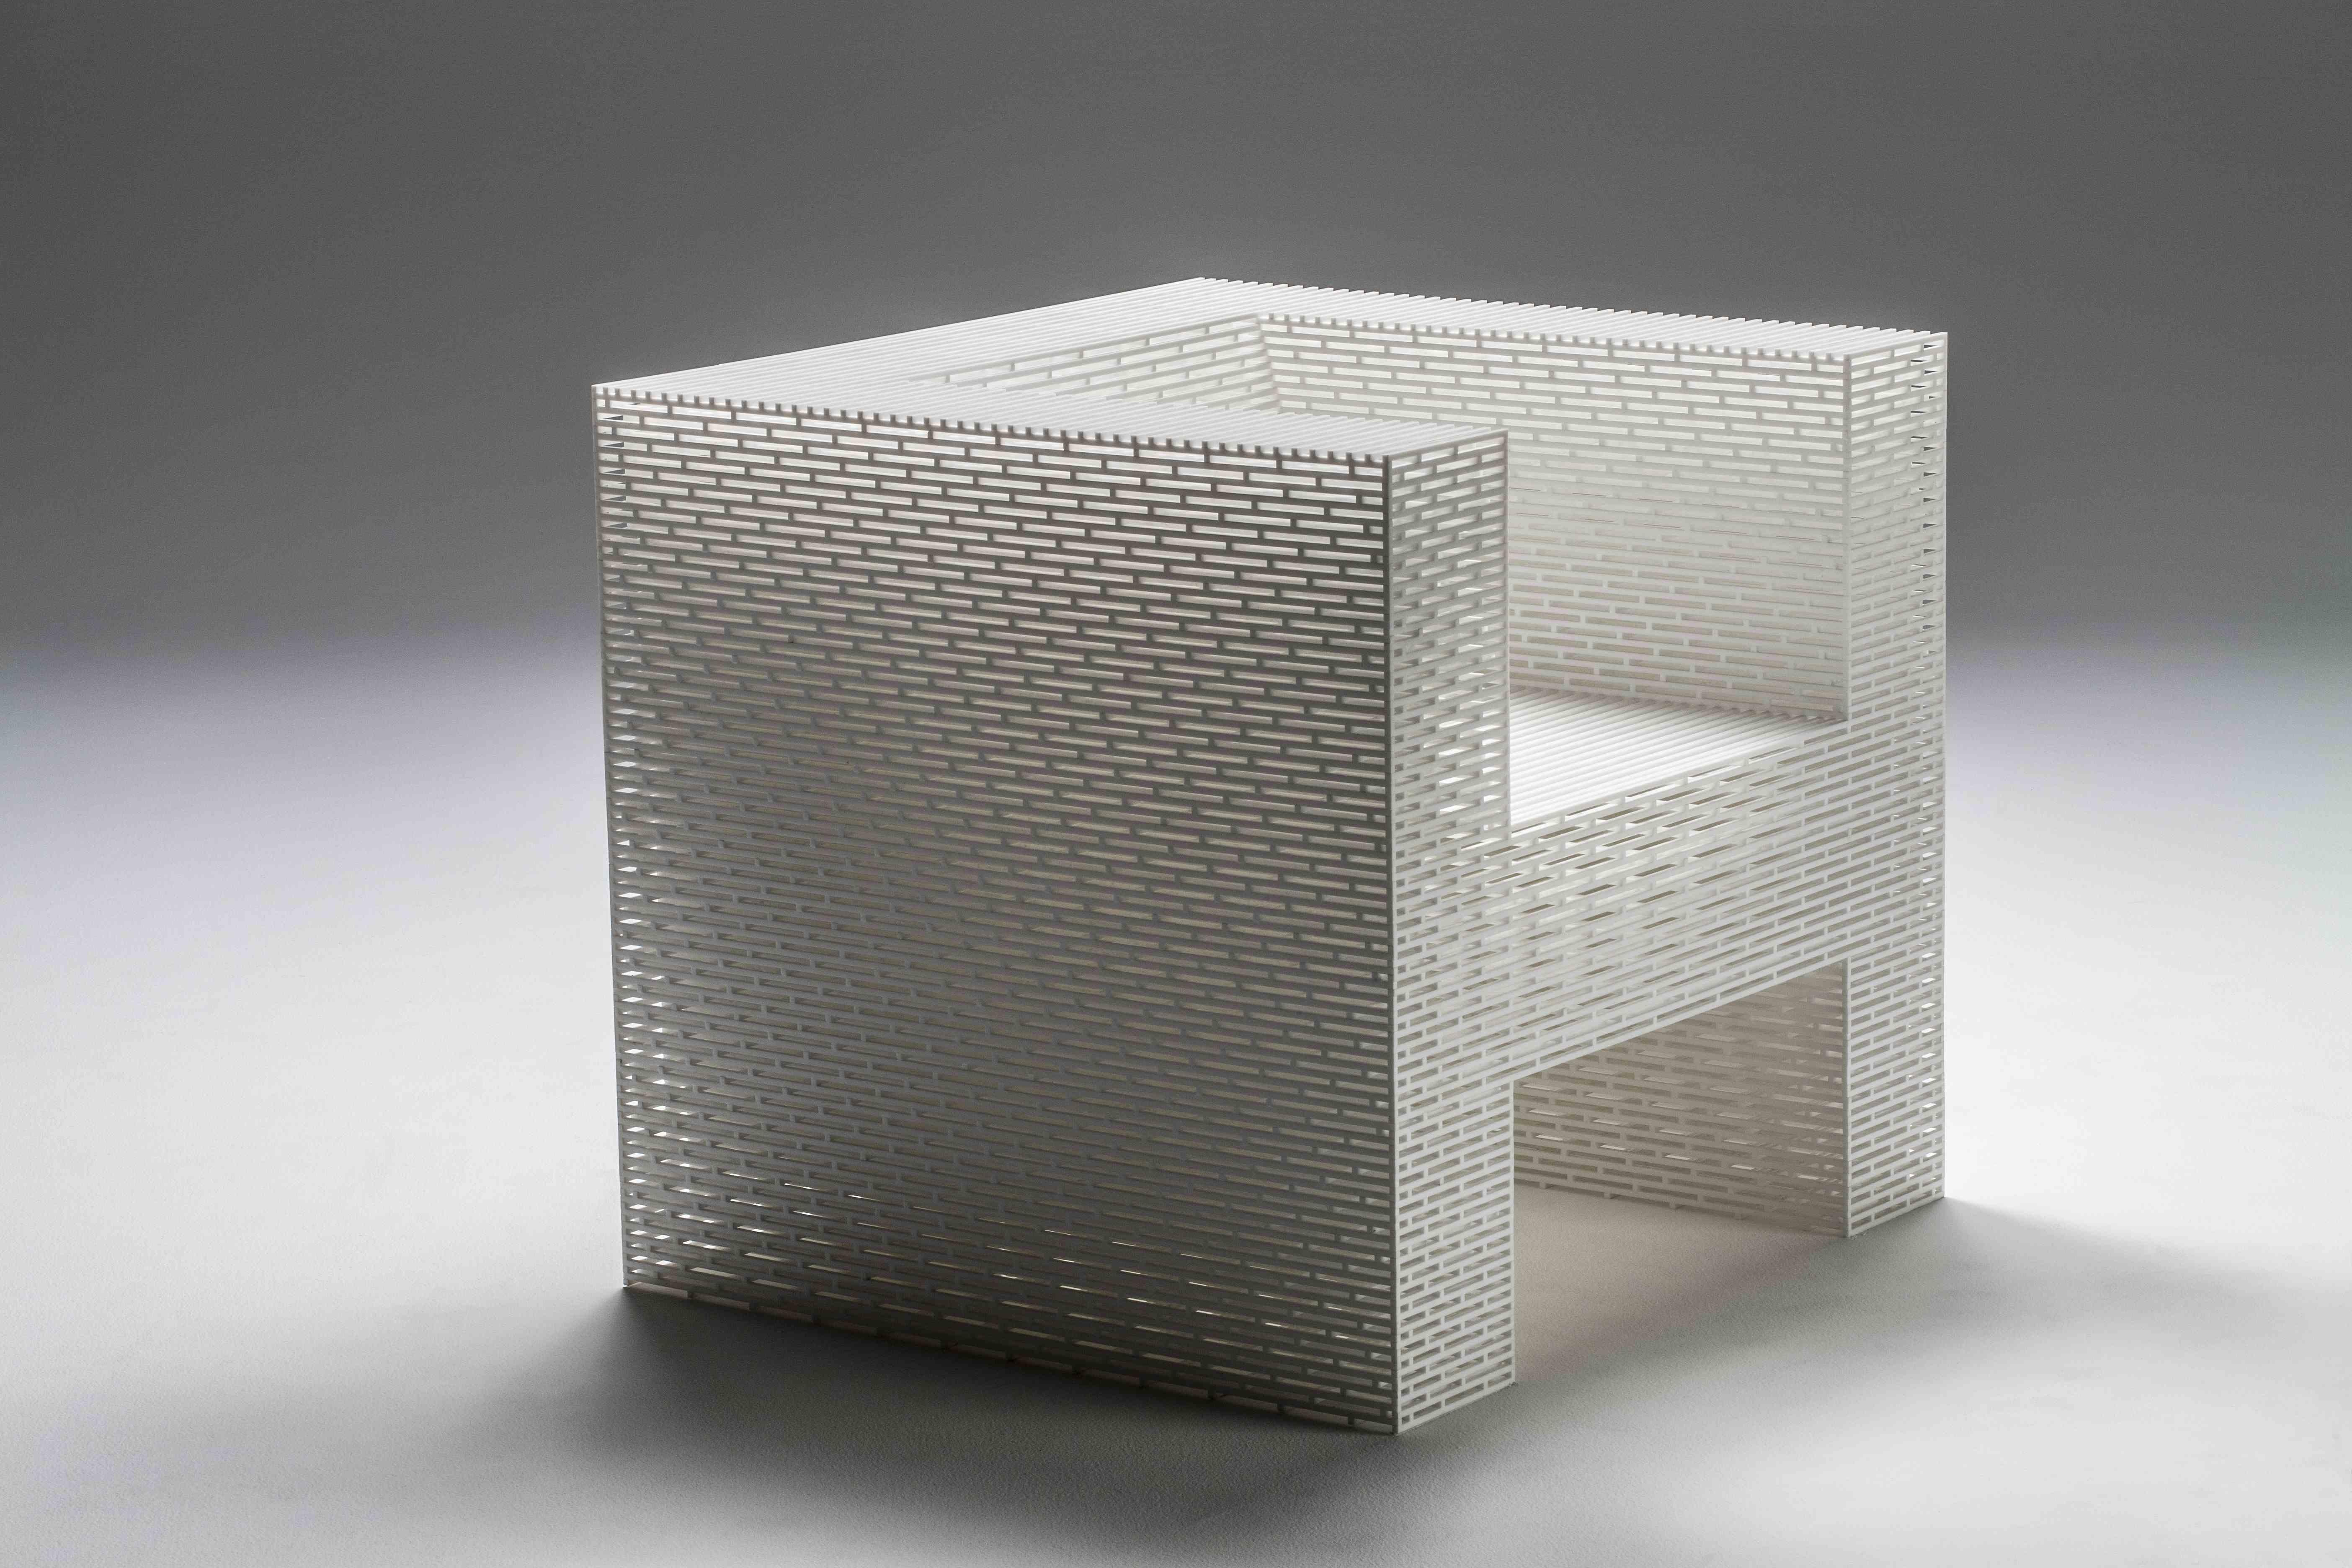 Fotel z 2 450 fragment?w akrylu